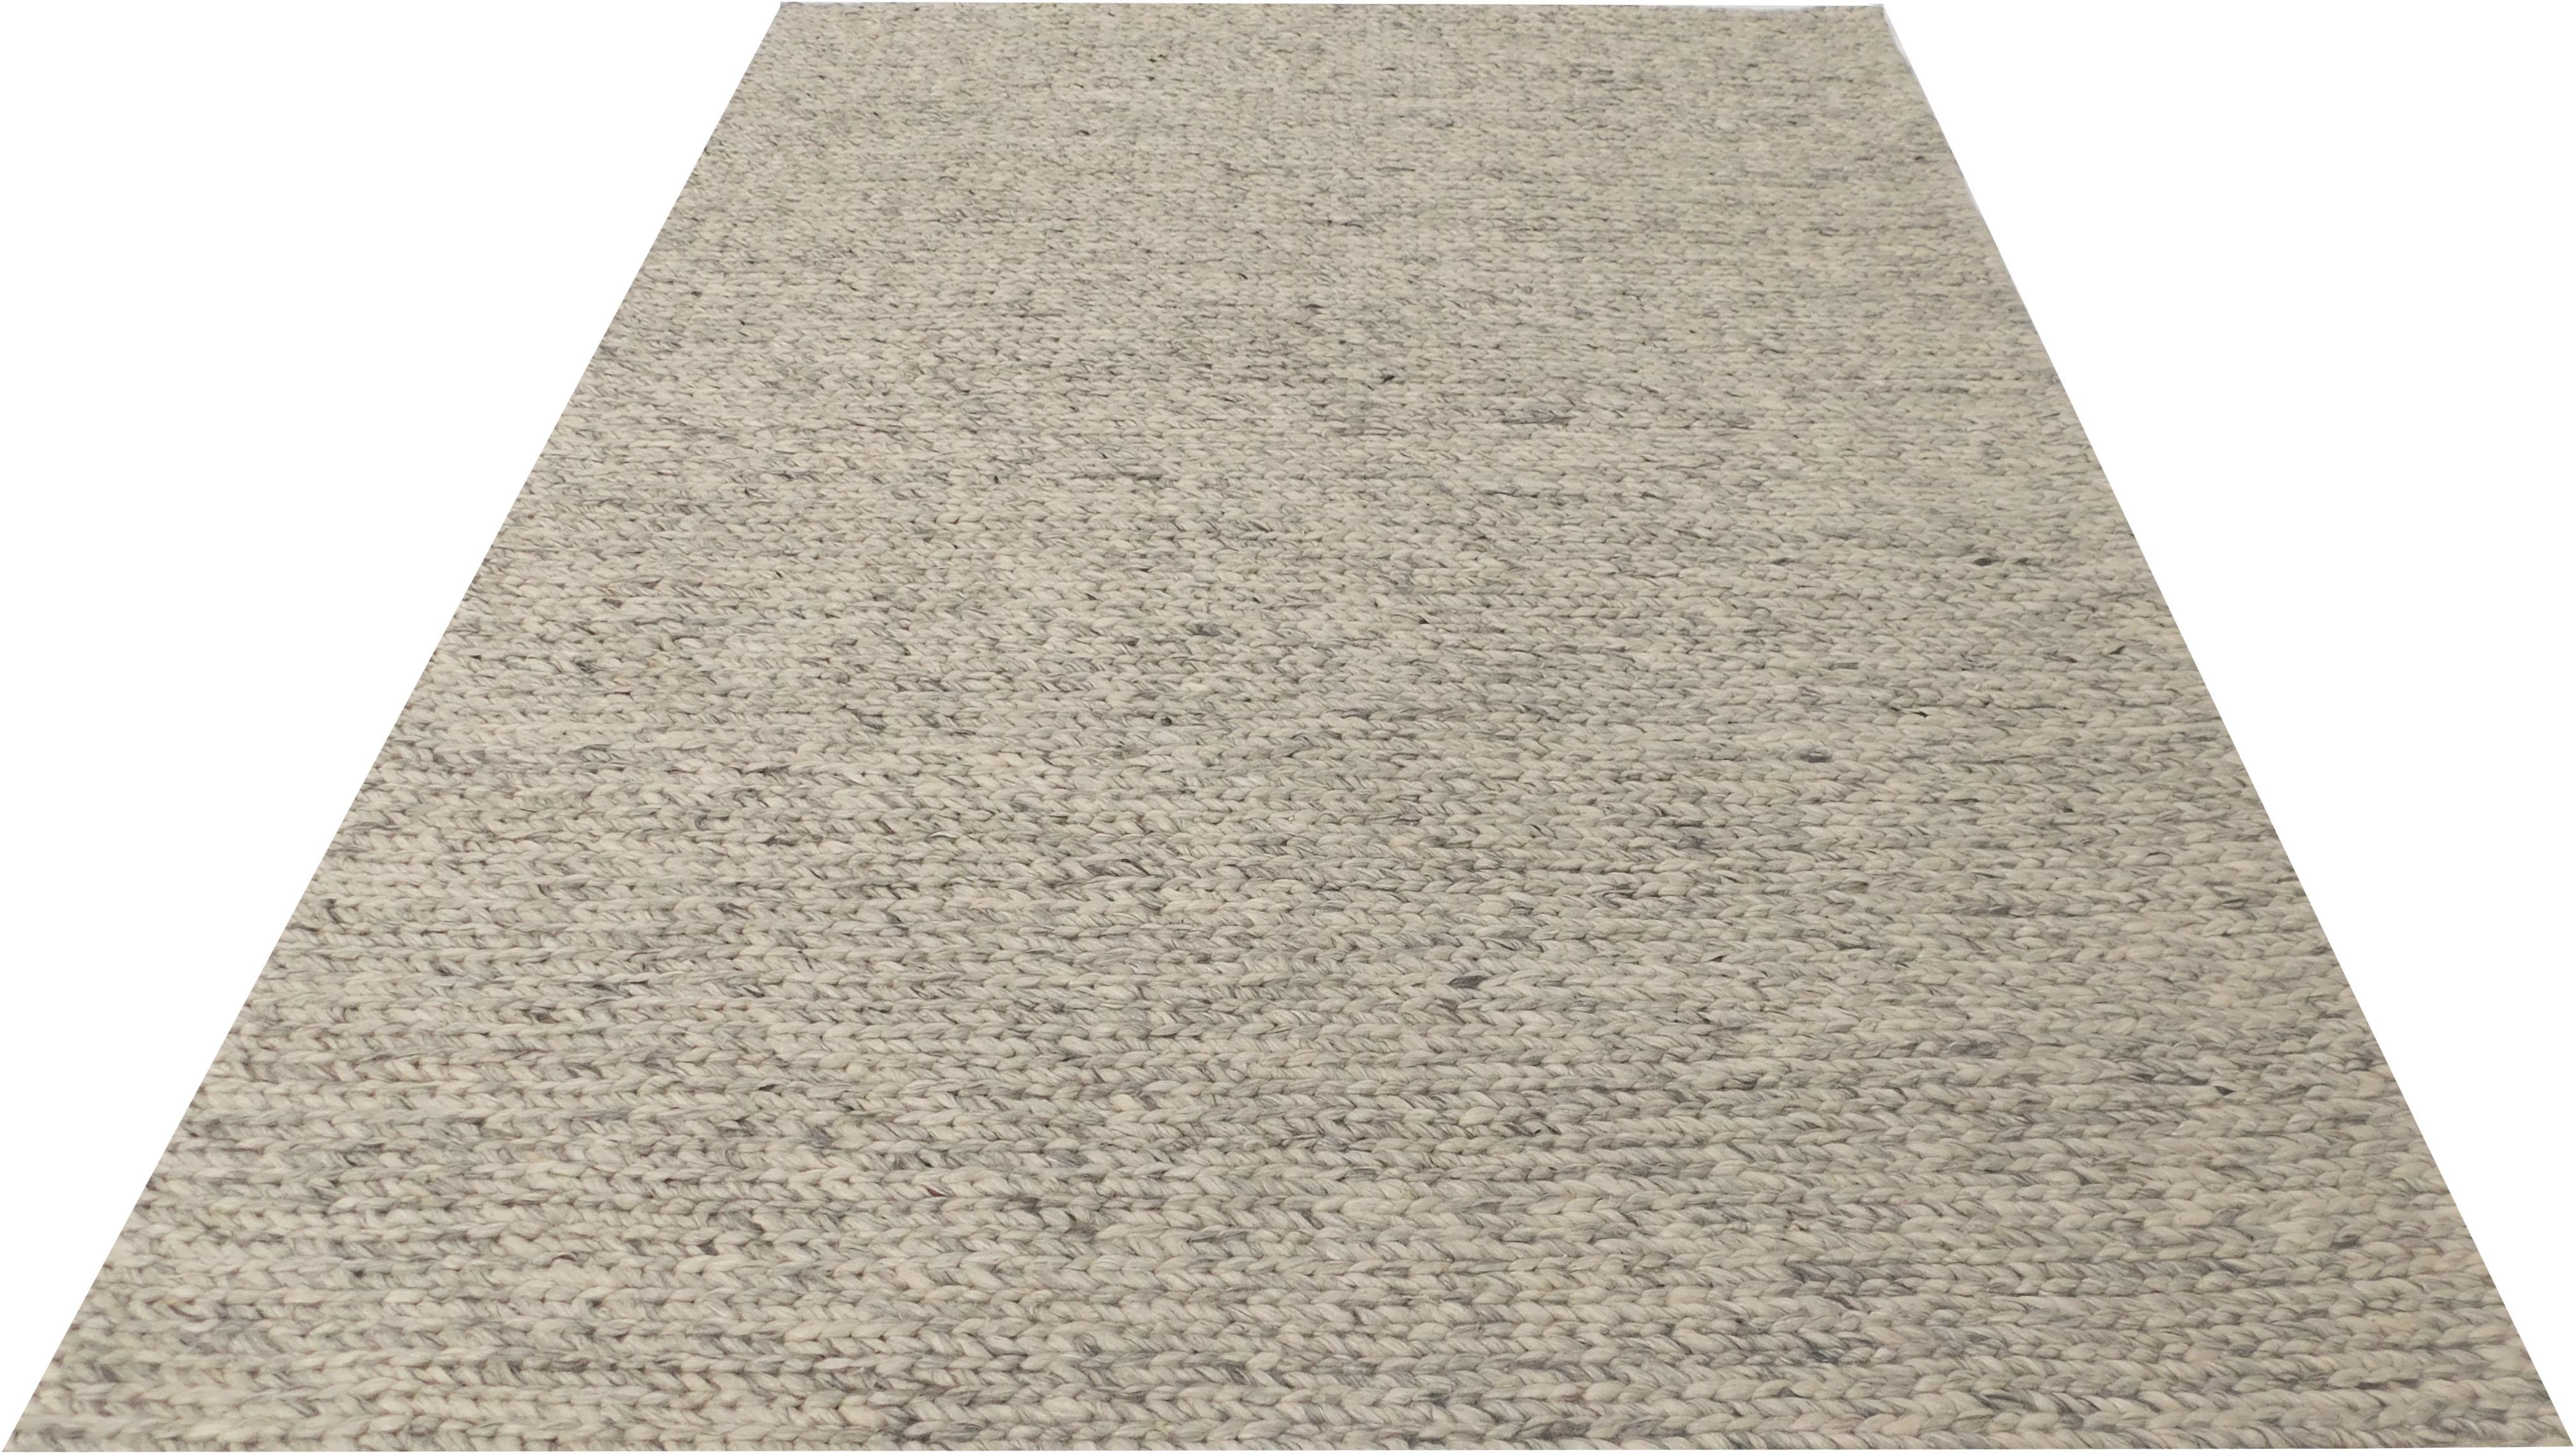 LeGer Home by Lena Gercke Teppich Sunita, rechteckig, 14 mm Höhe, In moderner Strickoptik, Wohnzimmer grau Esszimmerteppiche Teppiche nach Räumen